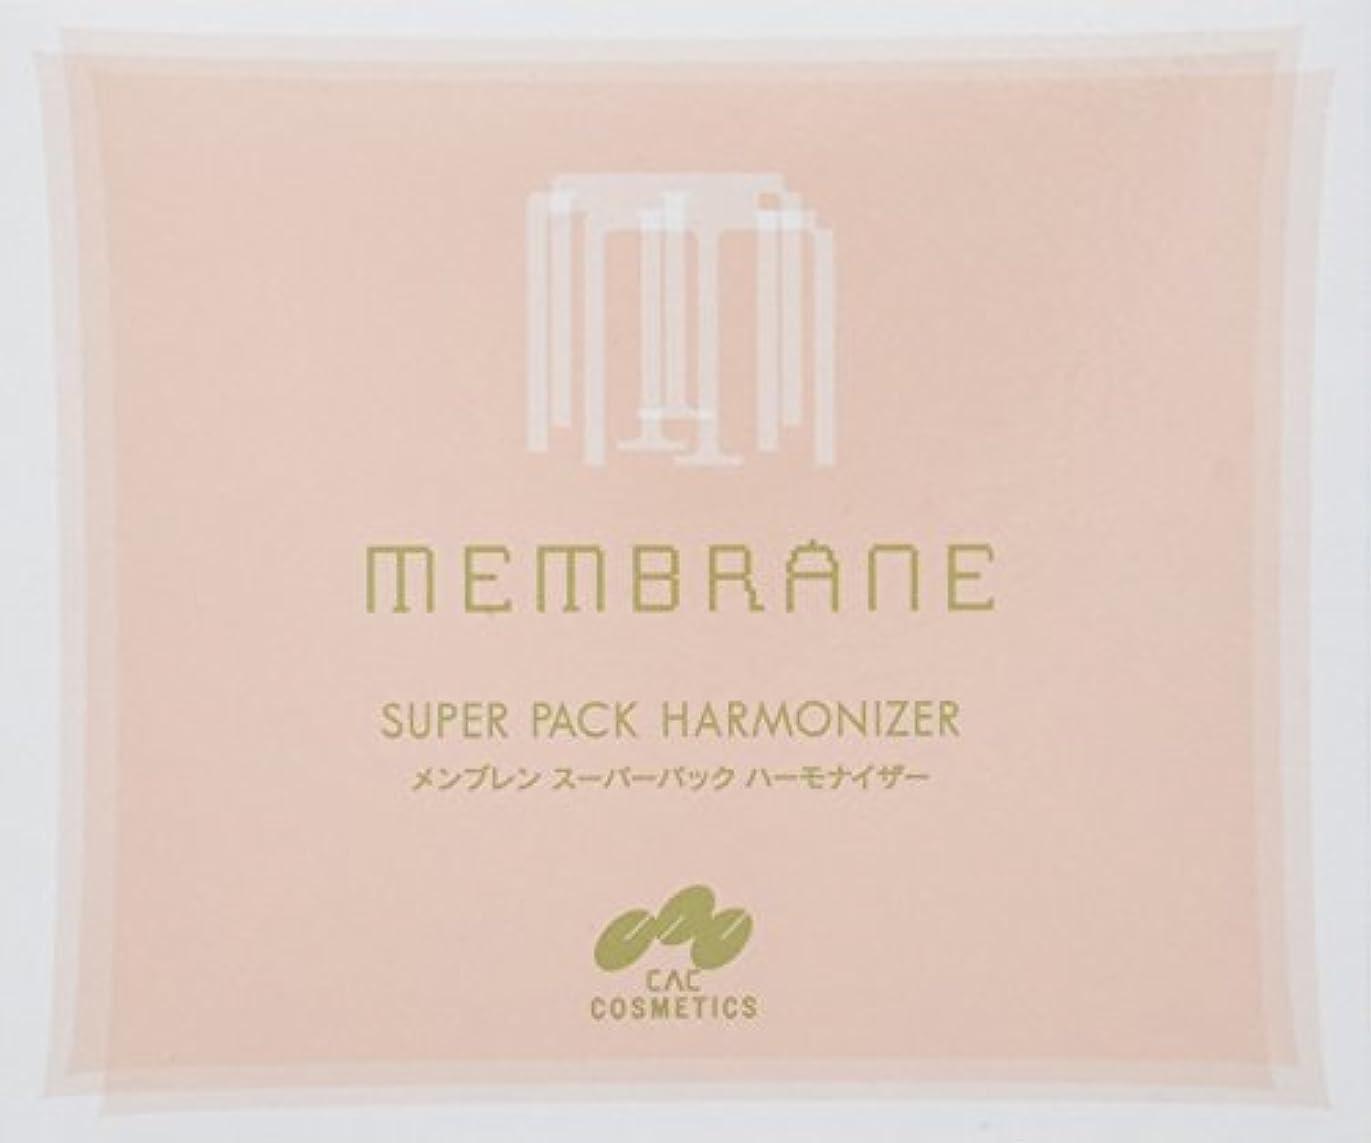 柔和頼むハンディCAC メンブレン スーパーパックハーモナイザー 5ml x 30包